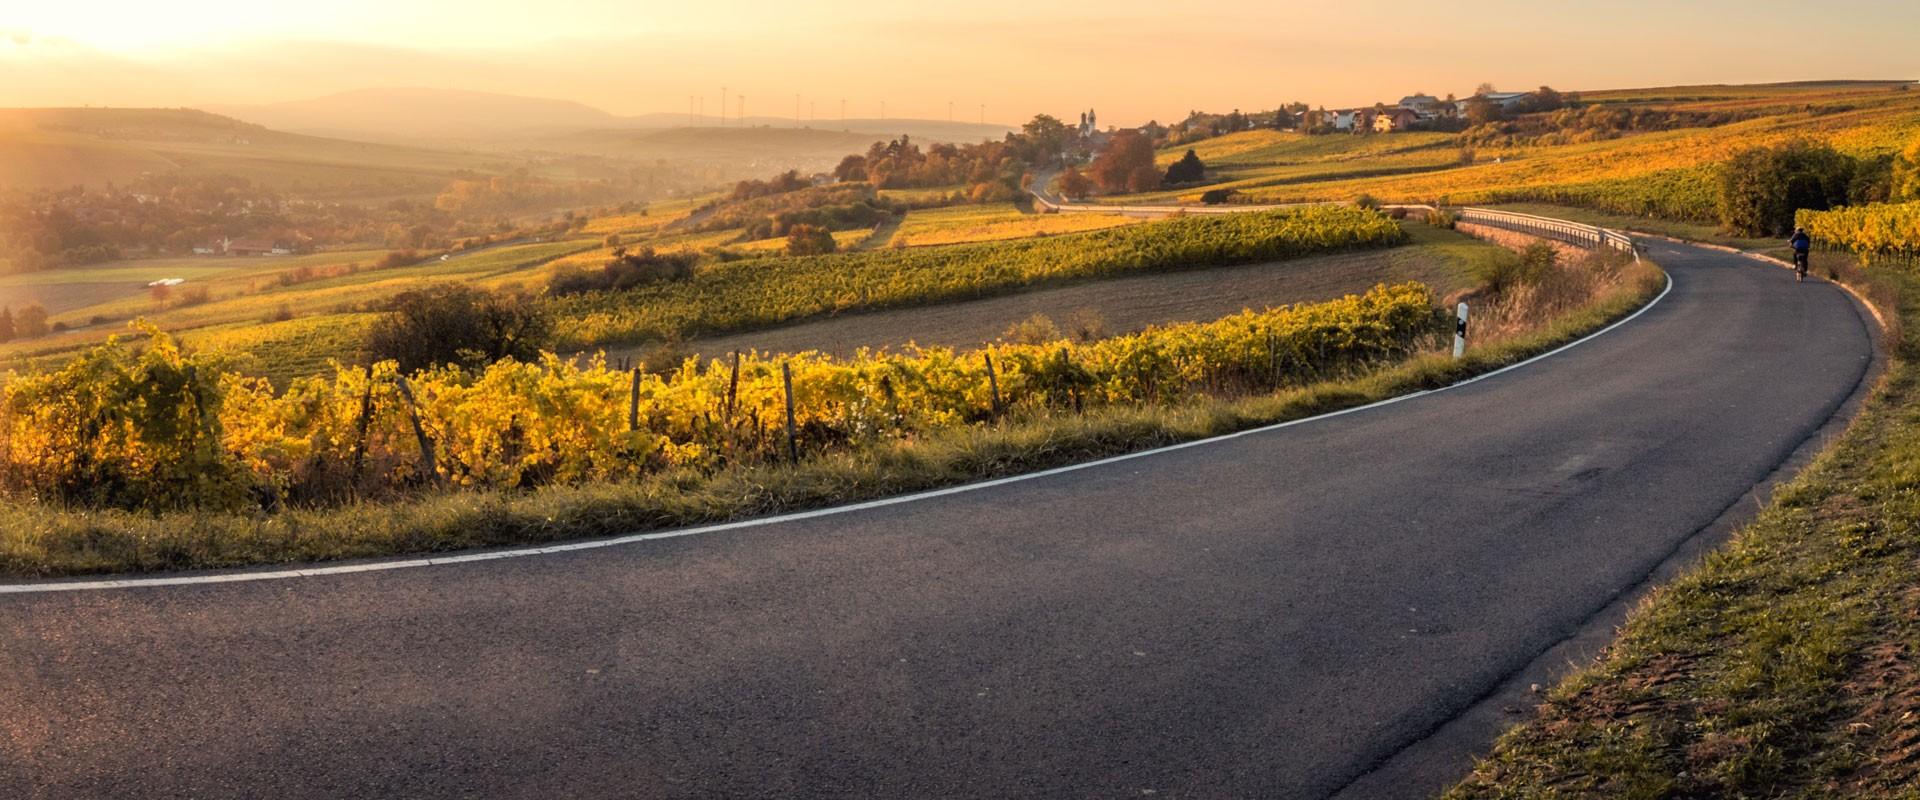 Retrouvez l'esprit de la route des vins